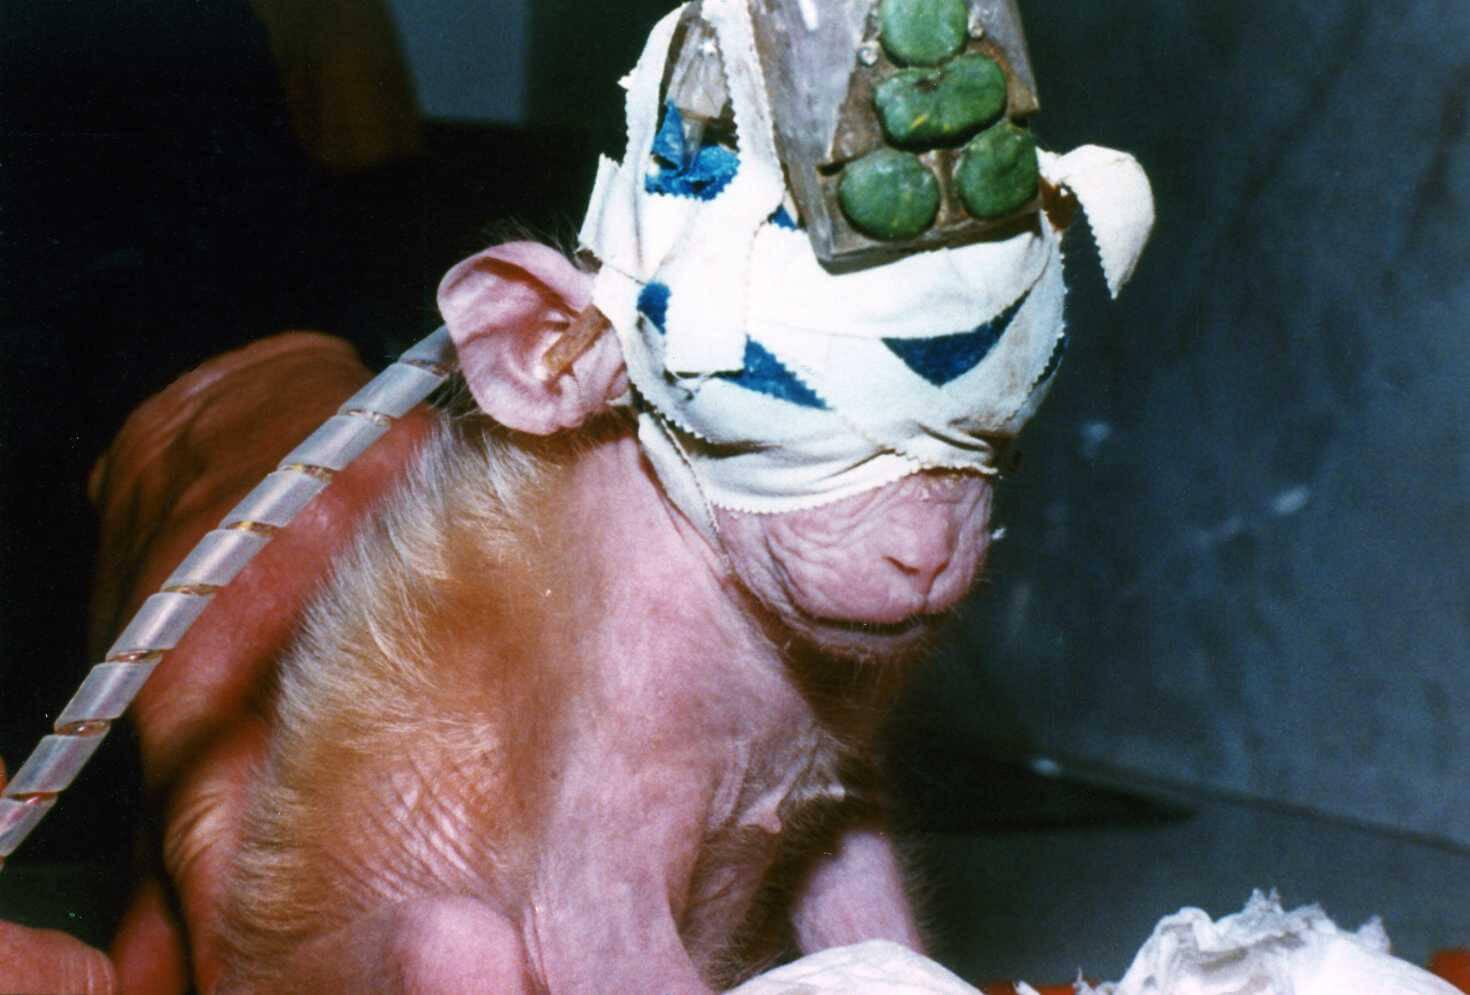 Save Ralph videosu sosyal medyada olay olmuştu: Mecliste 'hayvan deneyleri' için yeni düzenleme teklifi!